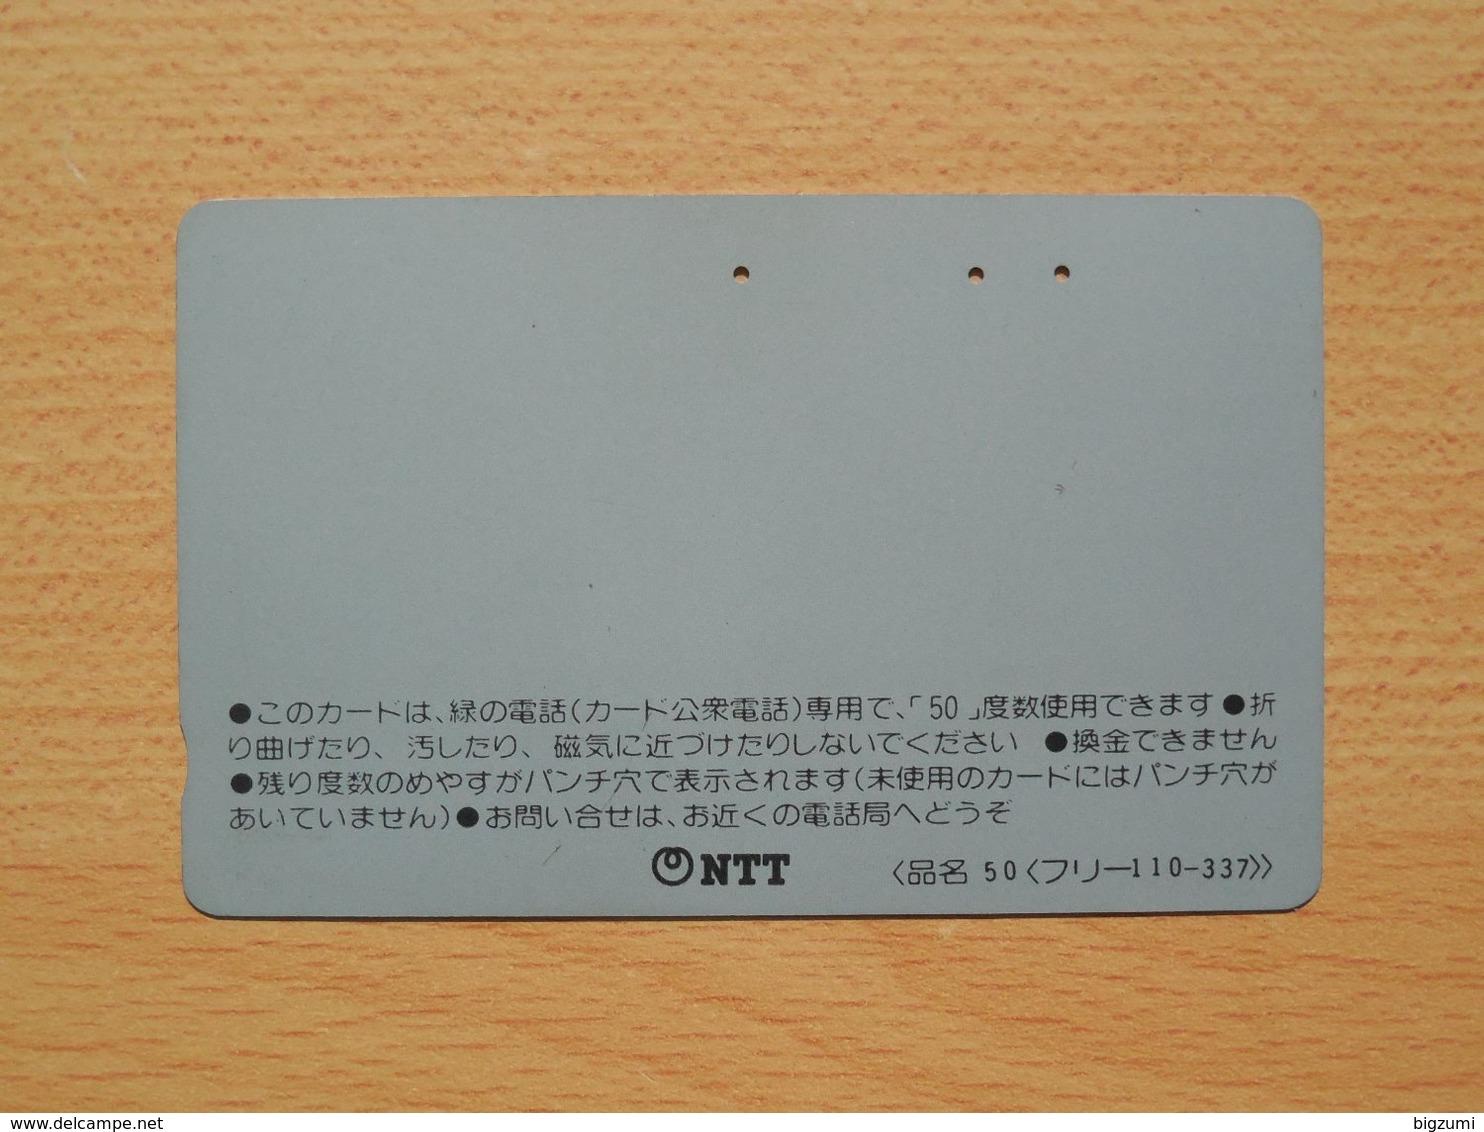 Japon Japan Free Front Bar, Balken Phonecard - 110-337 / Airline TDA - Avions